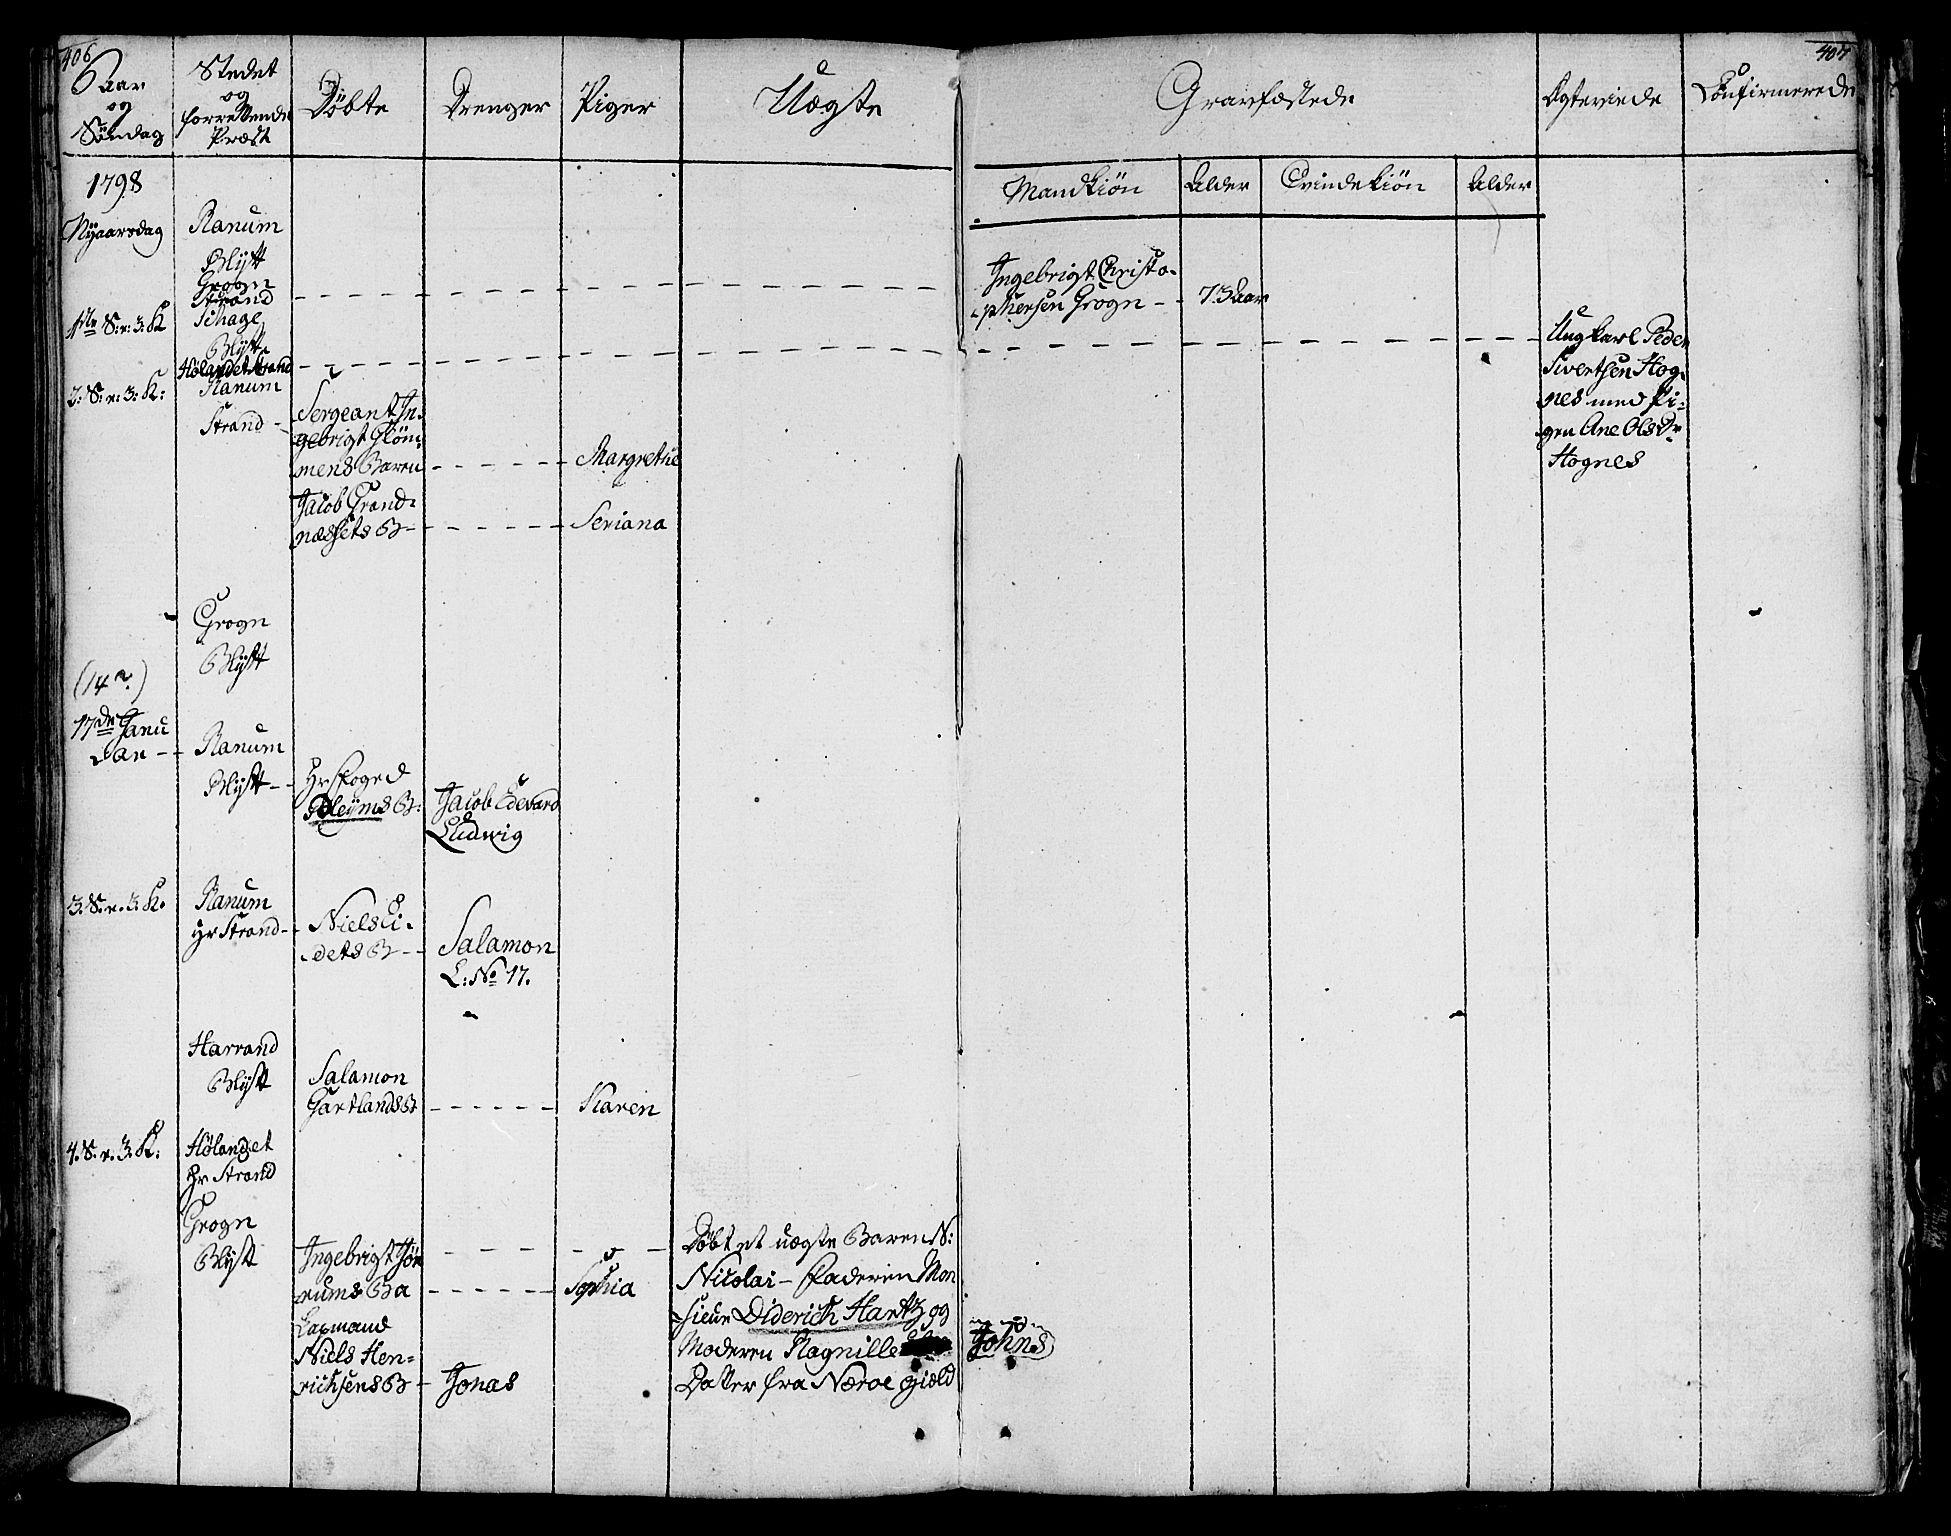 SAT, Ministerialprotokoller, klokkerbøker og fødselsregistre - Nord-Trøndelag, 764/L0544: Ministerialbok nr. 764A04, 1780-1798, s. 406-407